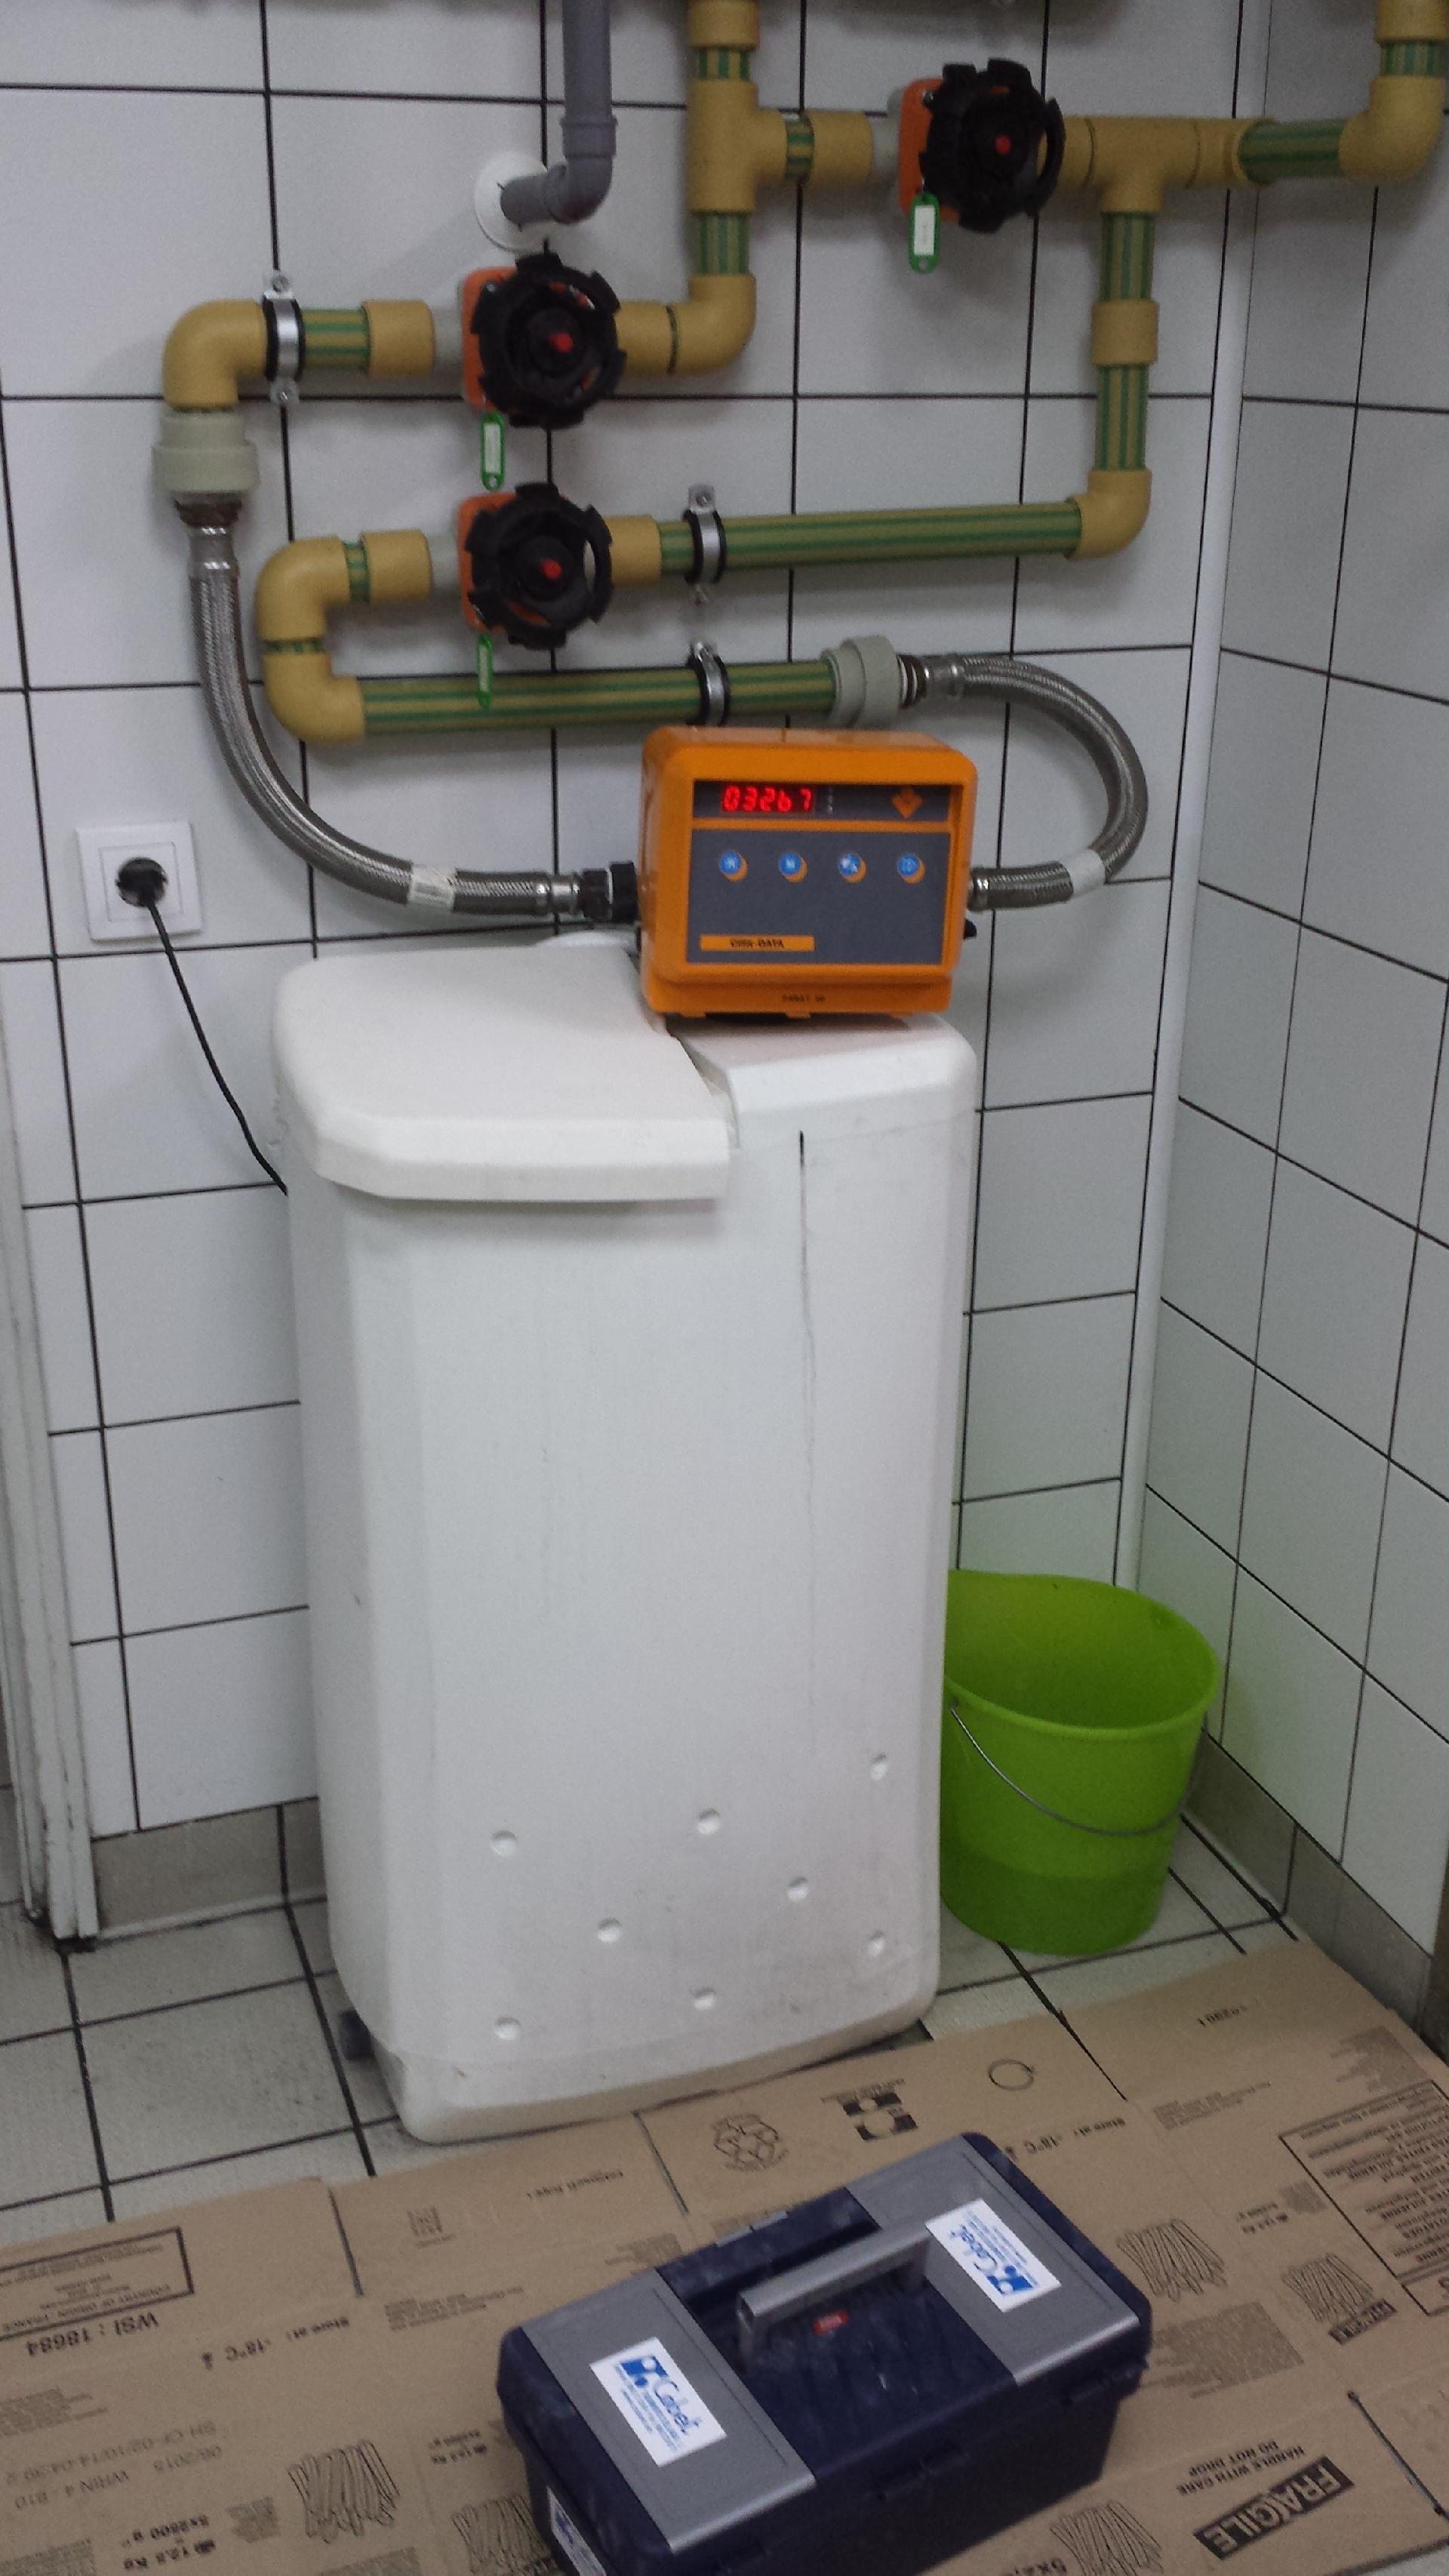 Galer a cobet tratamientos del agua sl - Descalcificador de agua domestico ...